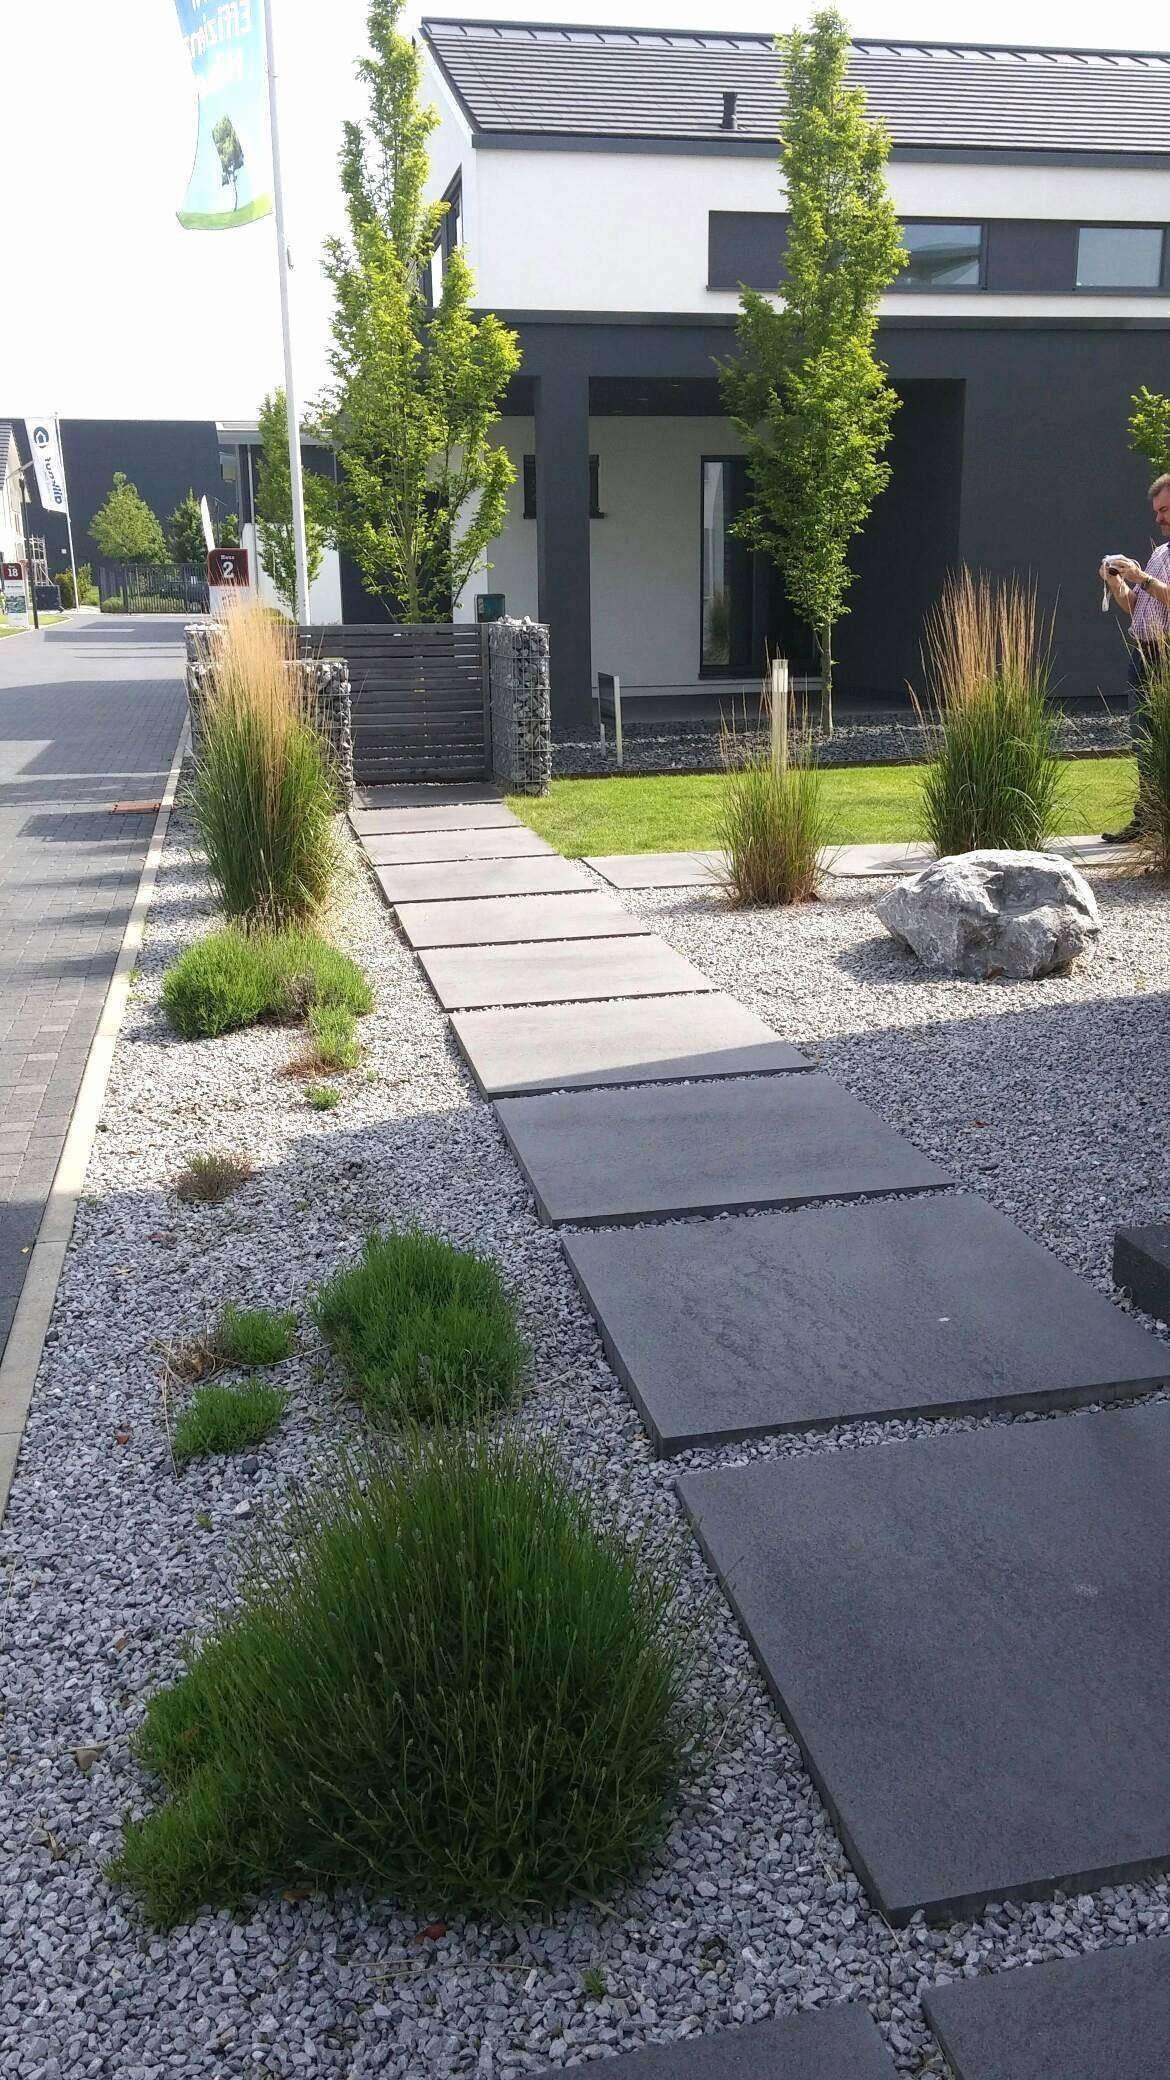 Terrassen Deko Modern Best Of Garten Ideas Garten Anlegen Lovely Aussenleuchten Garten 0d